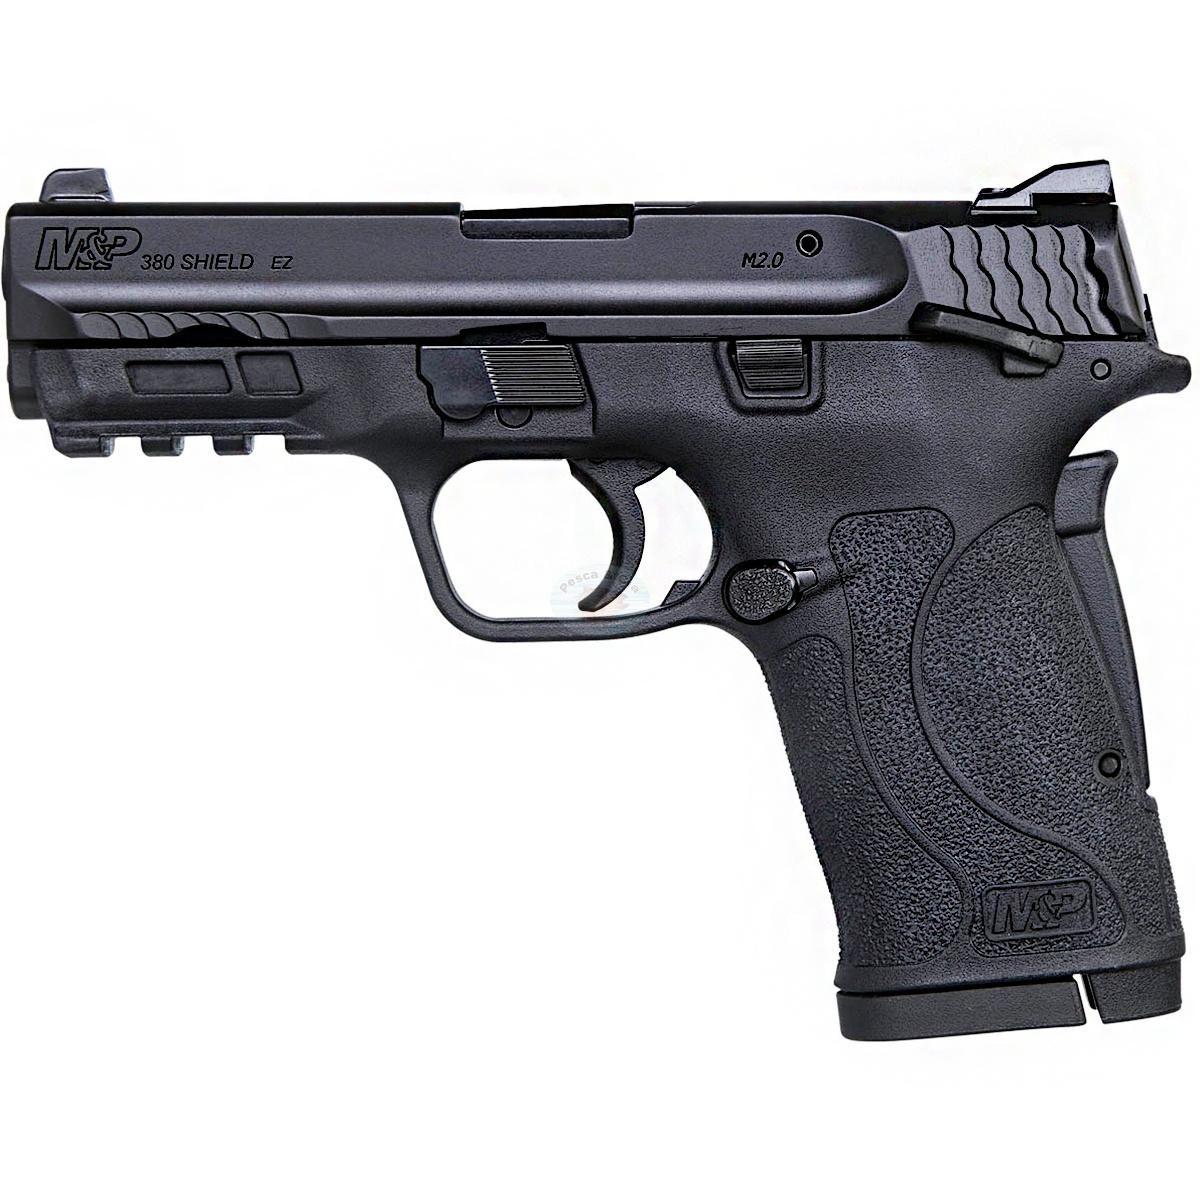 Pistola Smith & Wesson M&P380 Shield EZ Cal. 380AUTO Oxidada - 08 Tiros